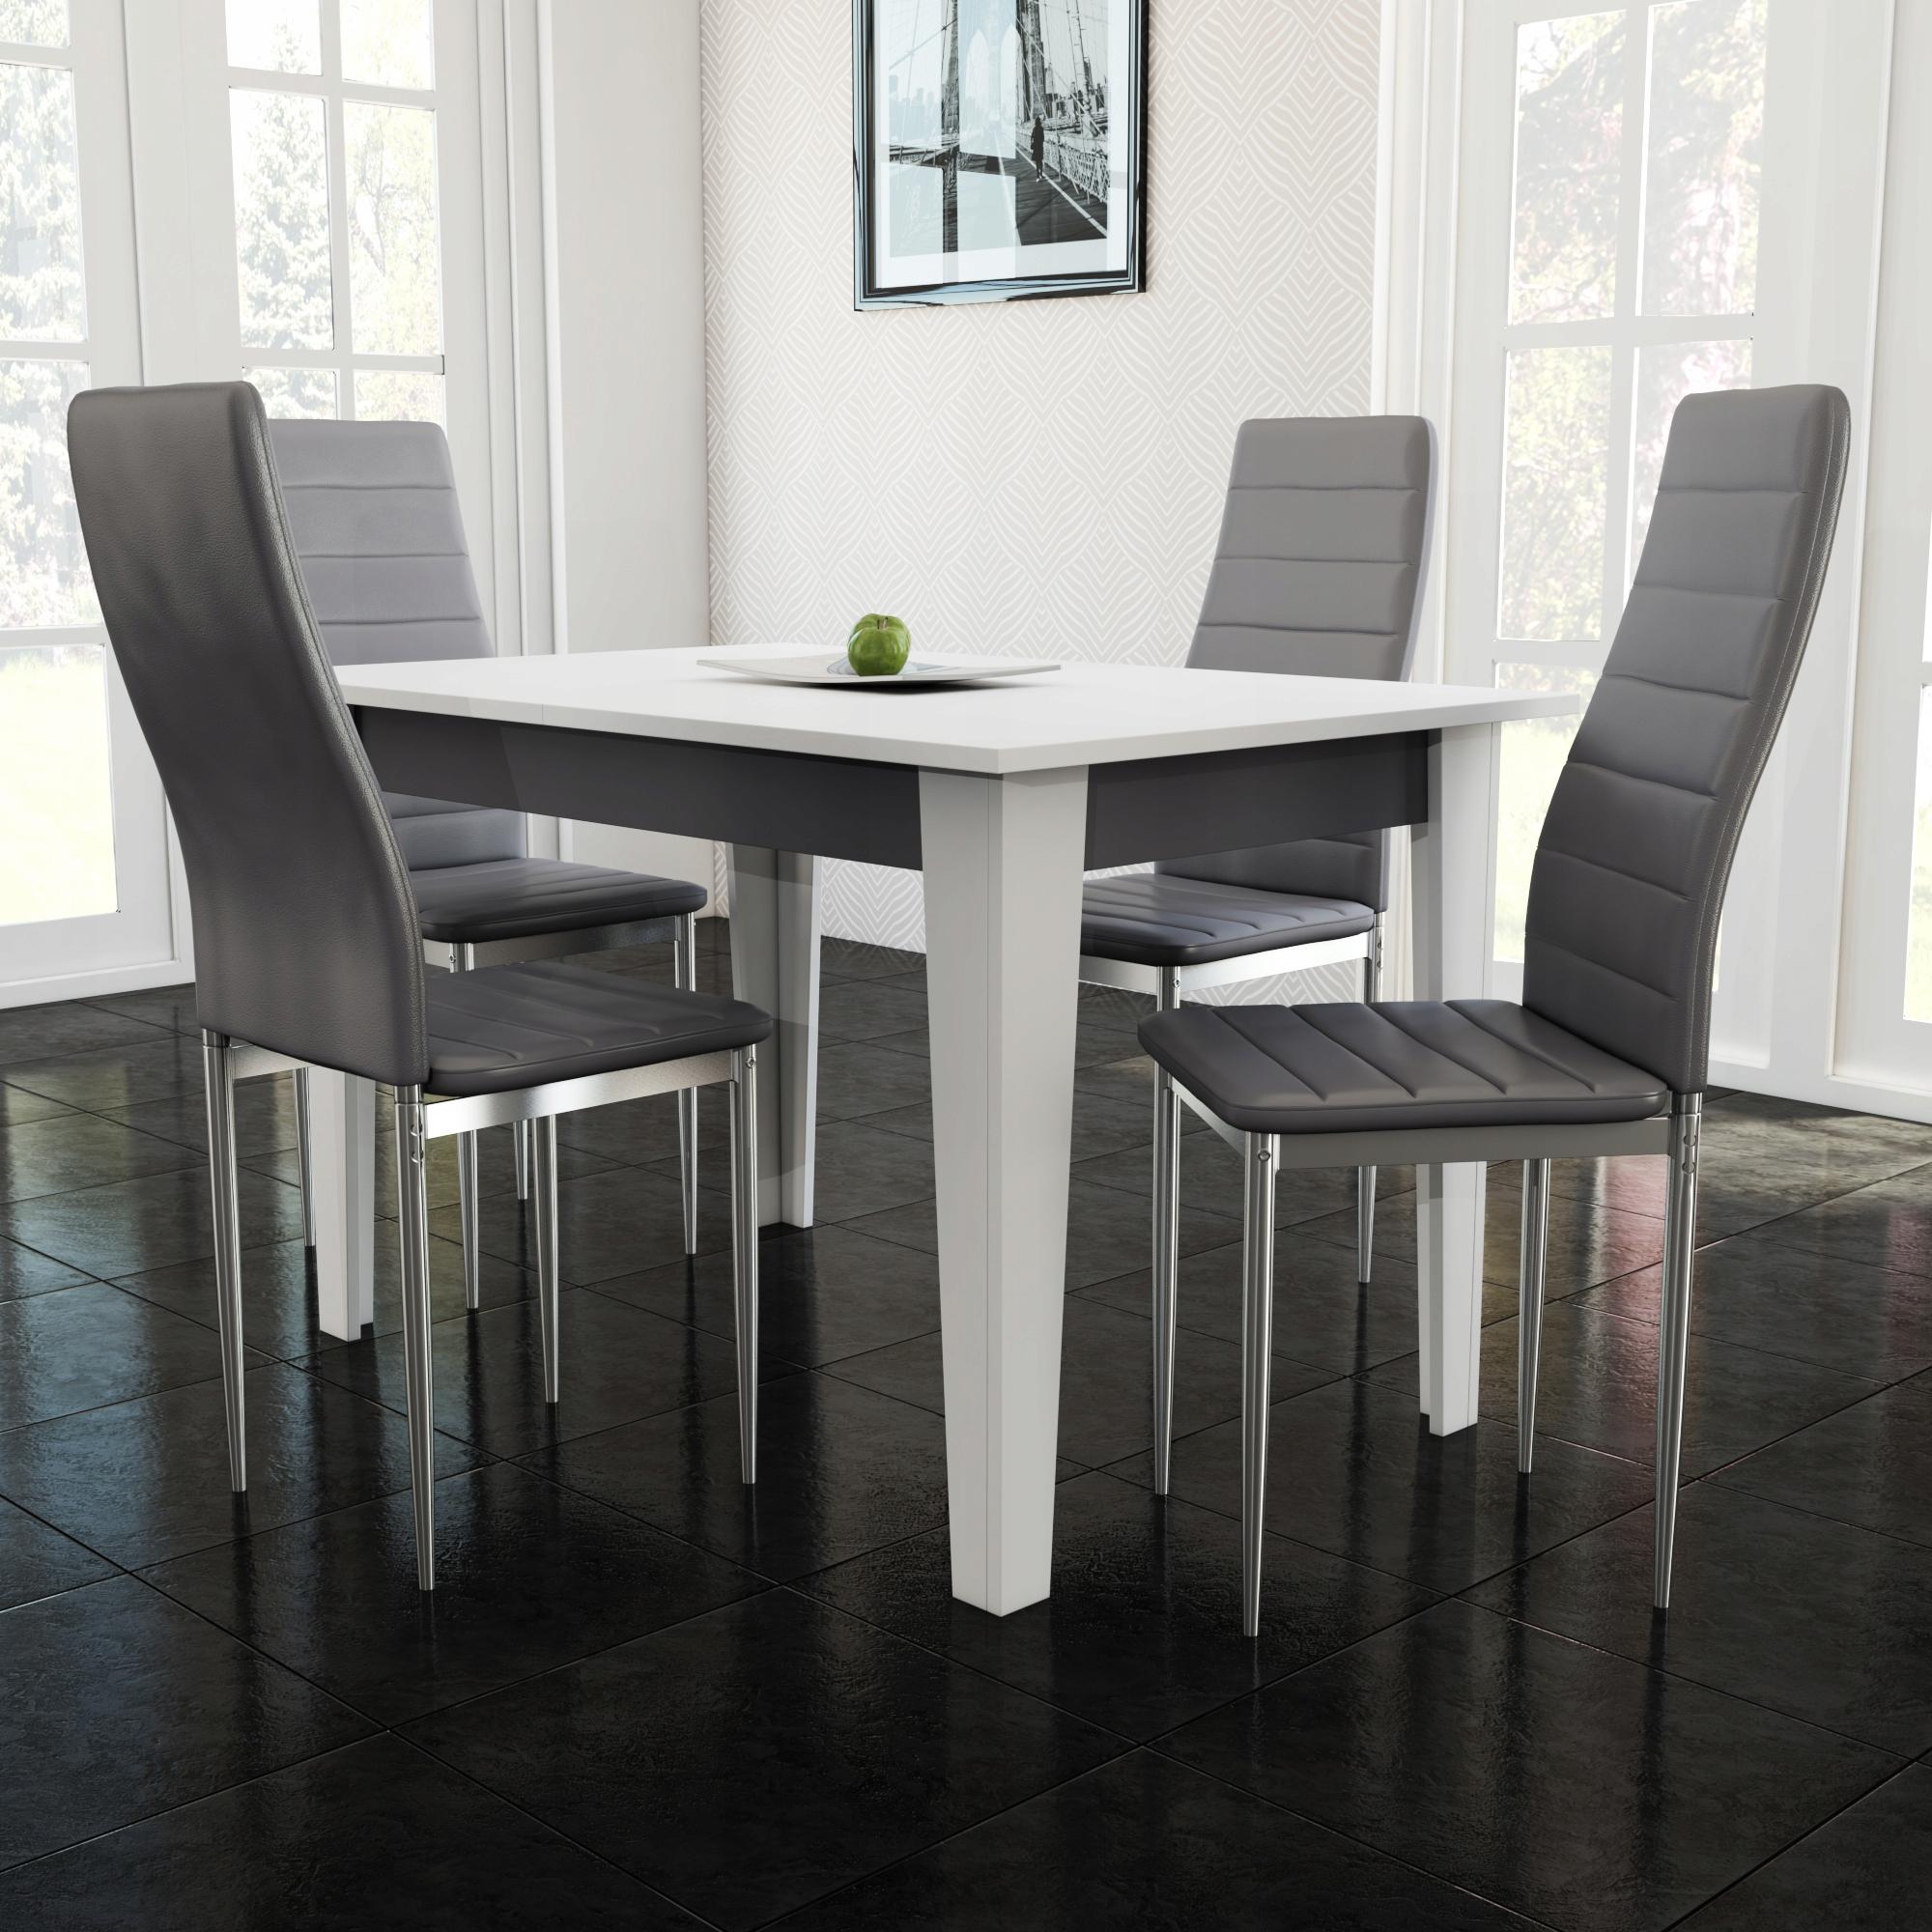 возможно, стол и стулья фото белого цвета отличаются высоким качеством